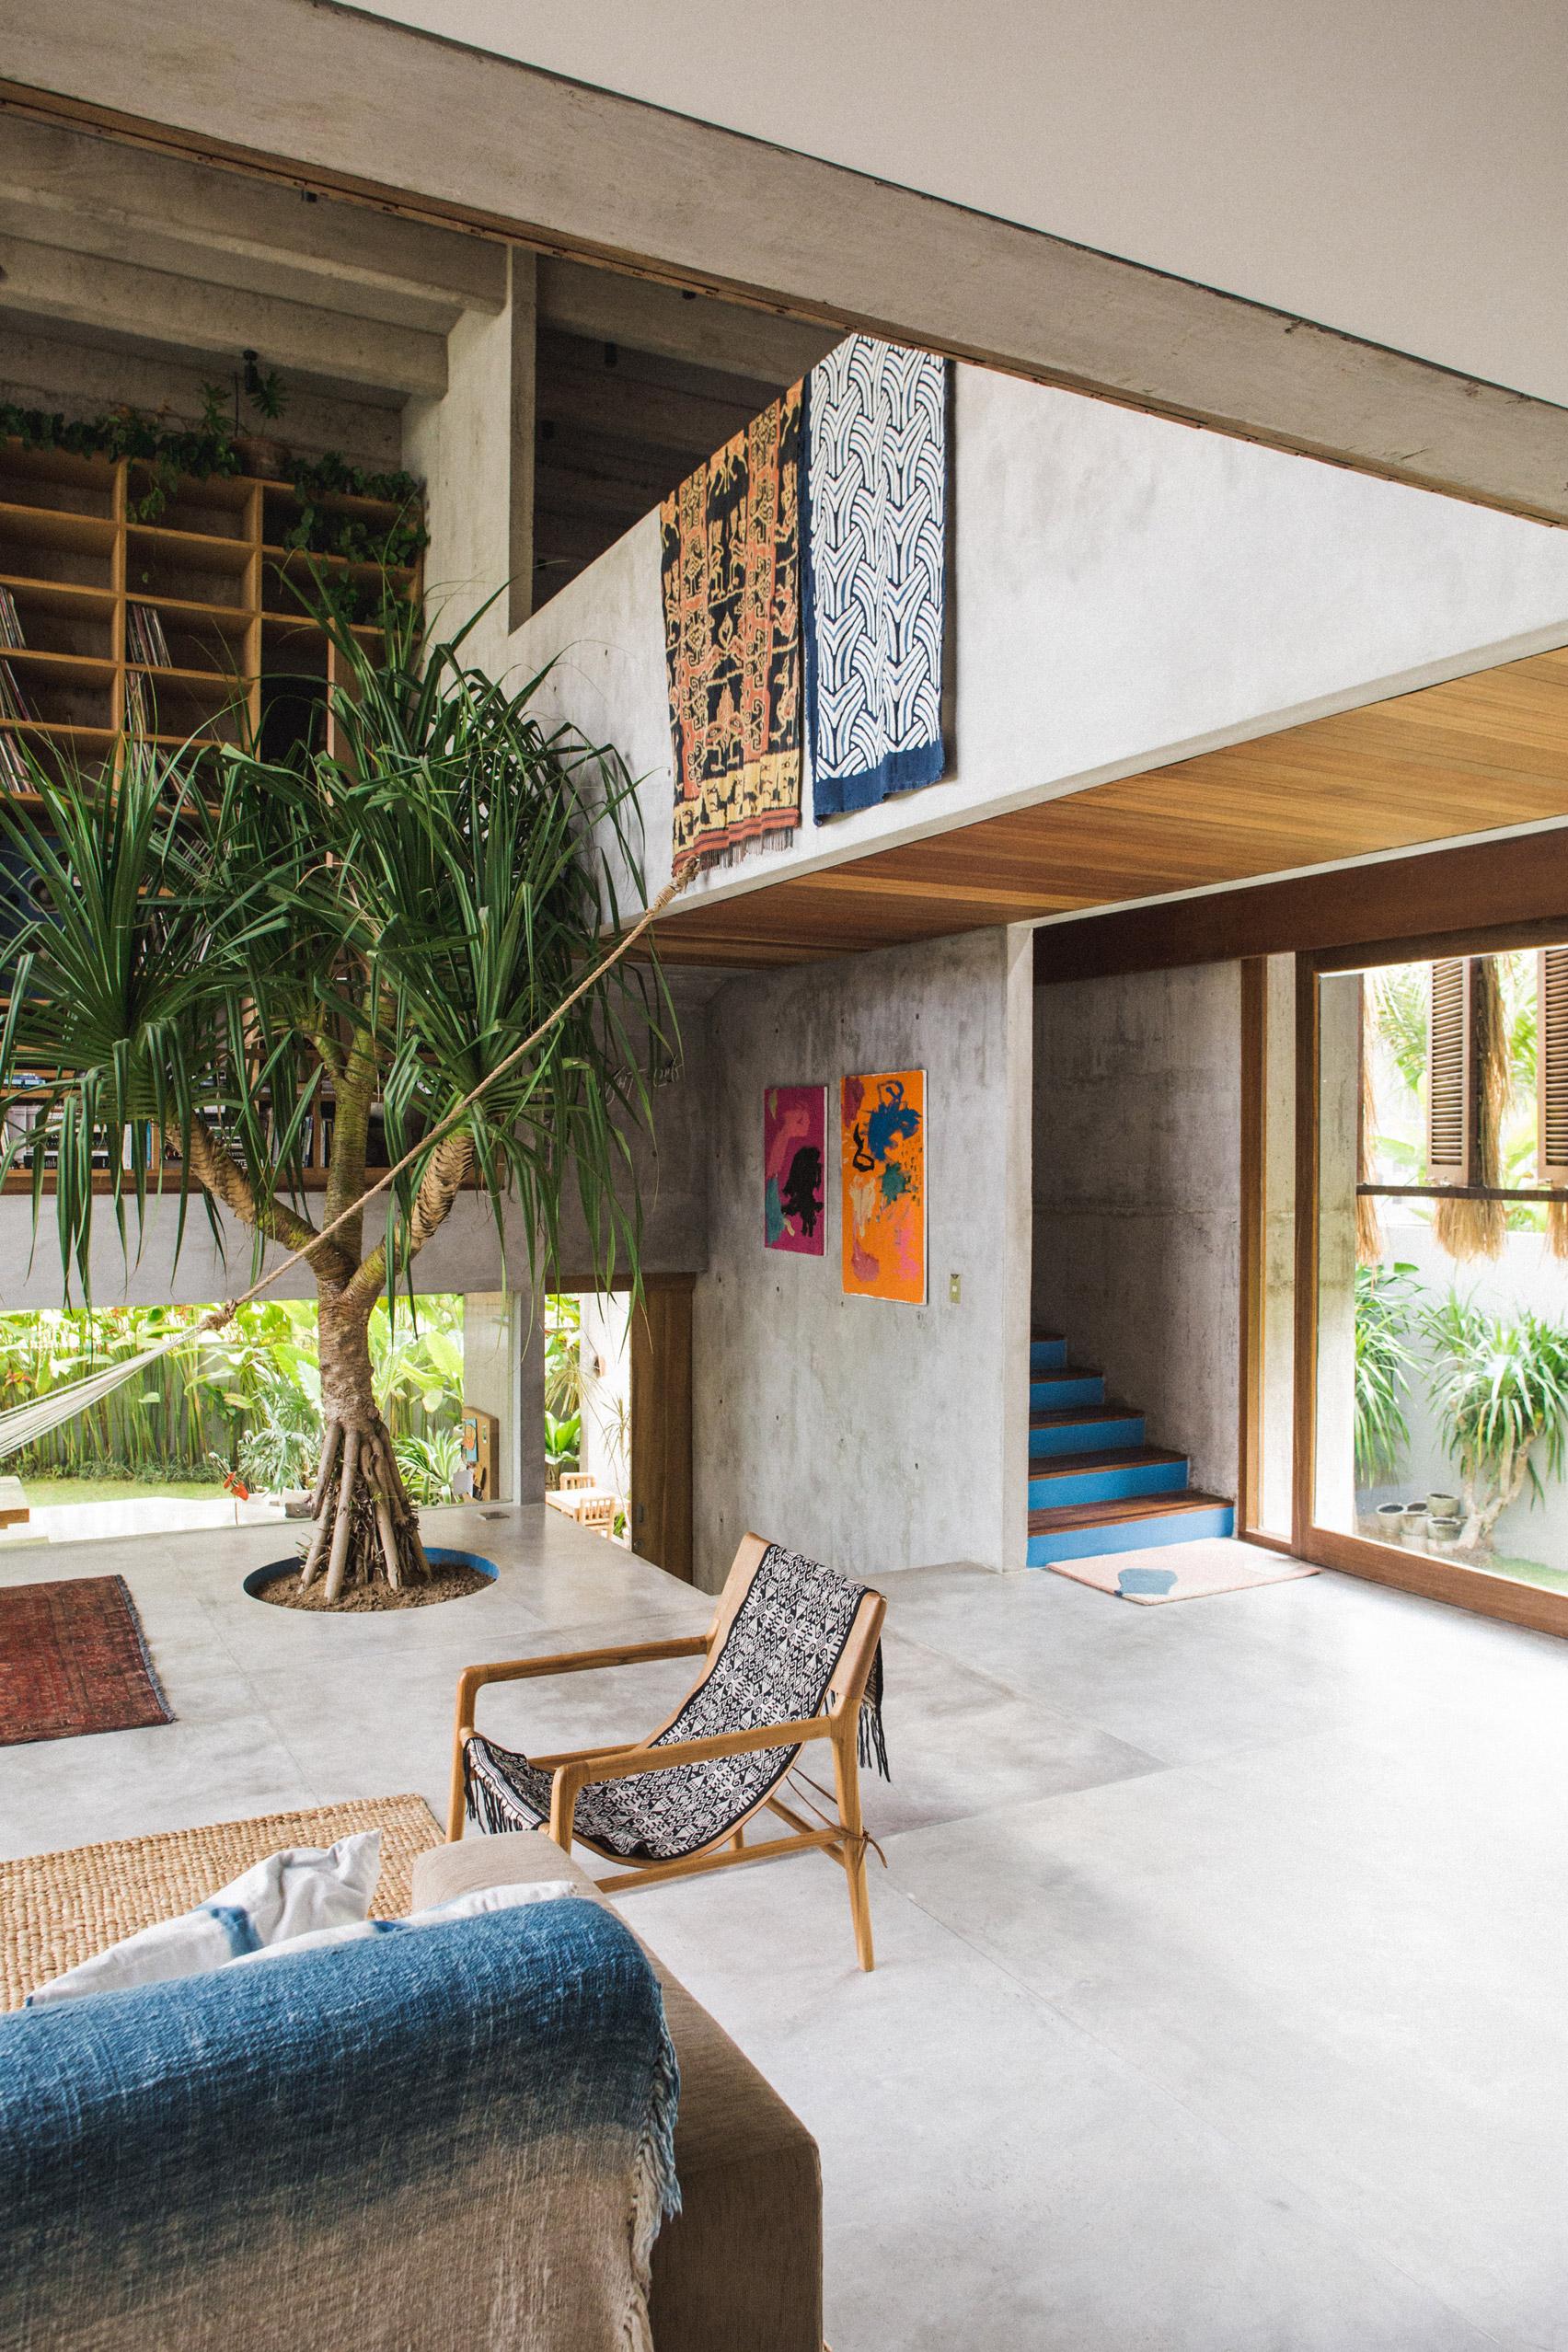 Ngôi nhà đầy sắc màu nhiệt đới với cây xanh phủ kín mọi góc nhìn - Ảnh 3.